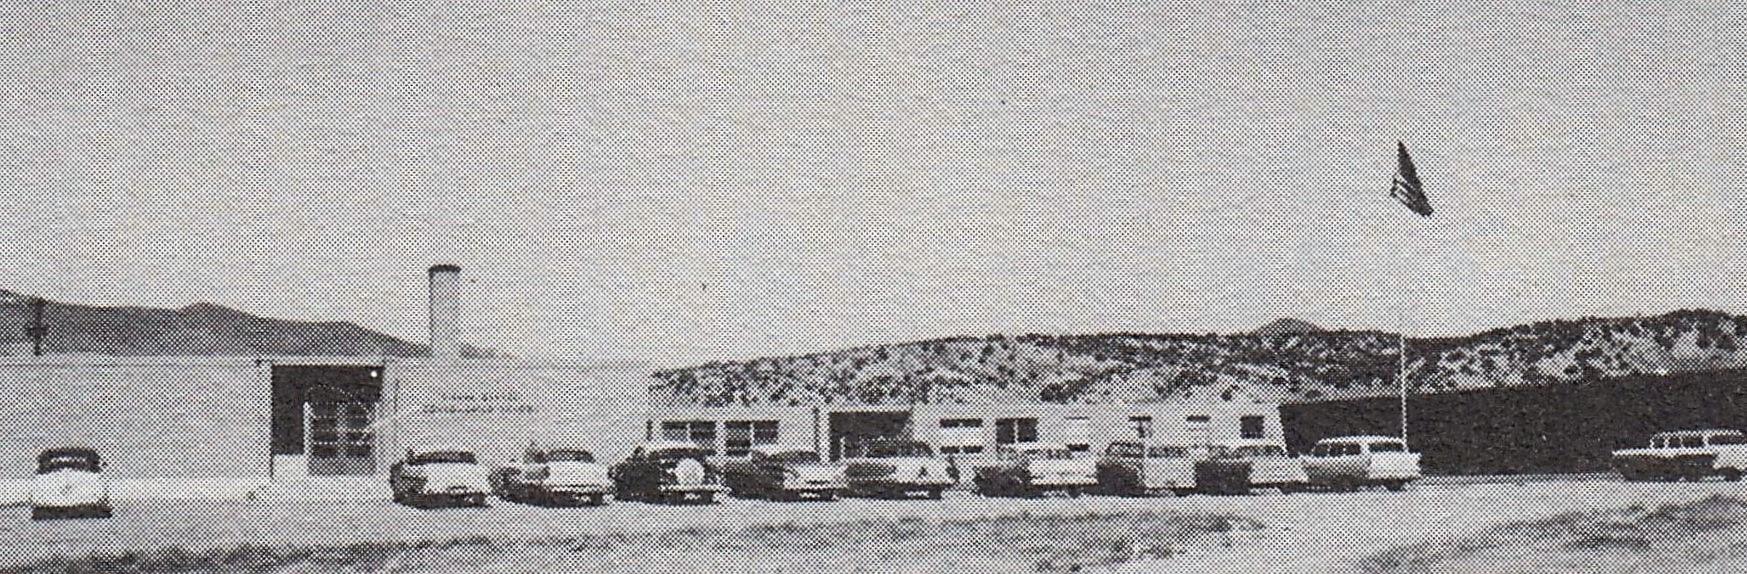 Old School Building 1950s